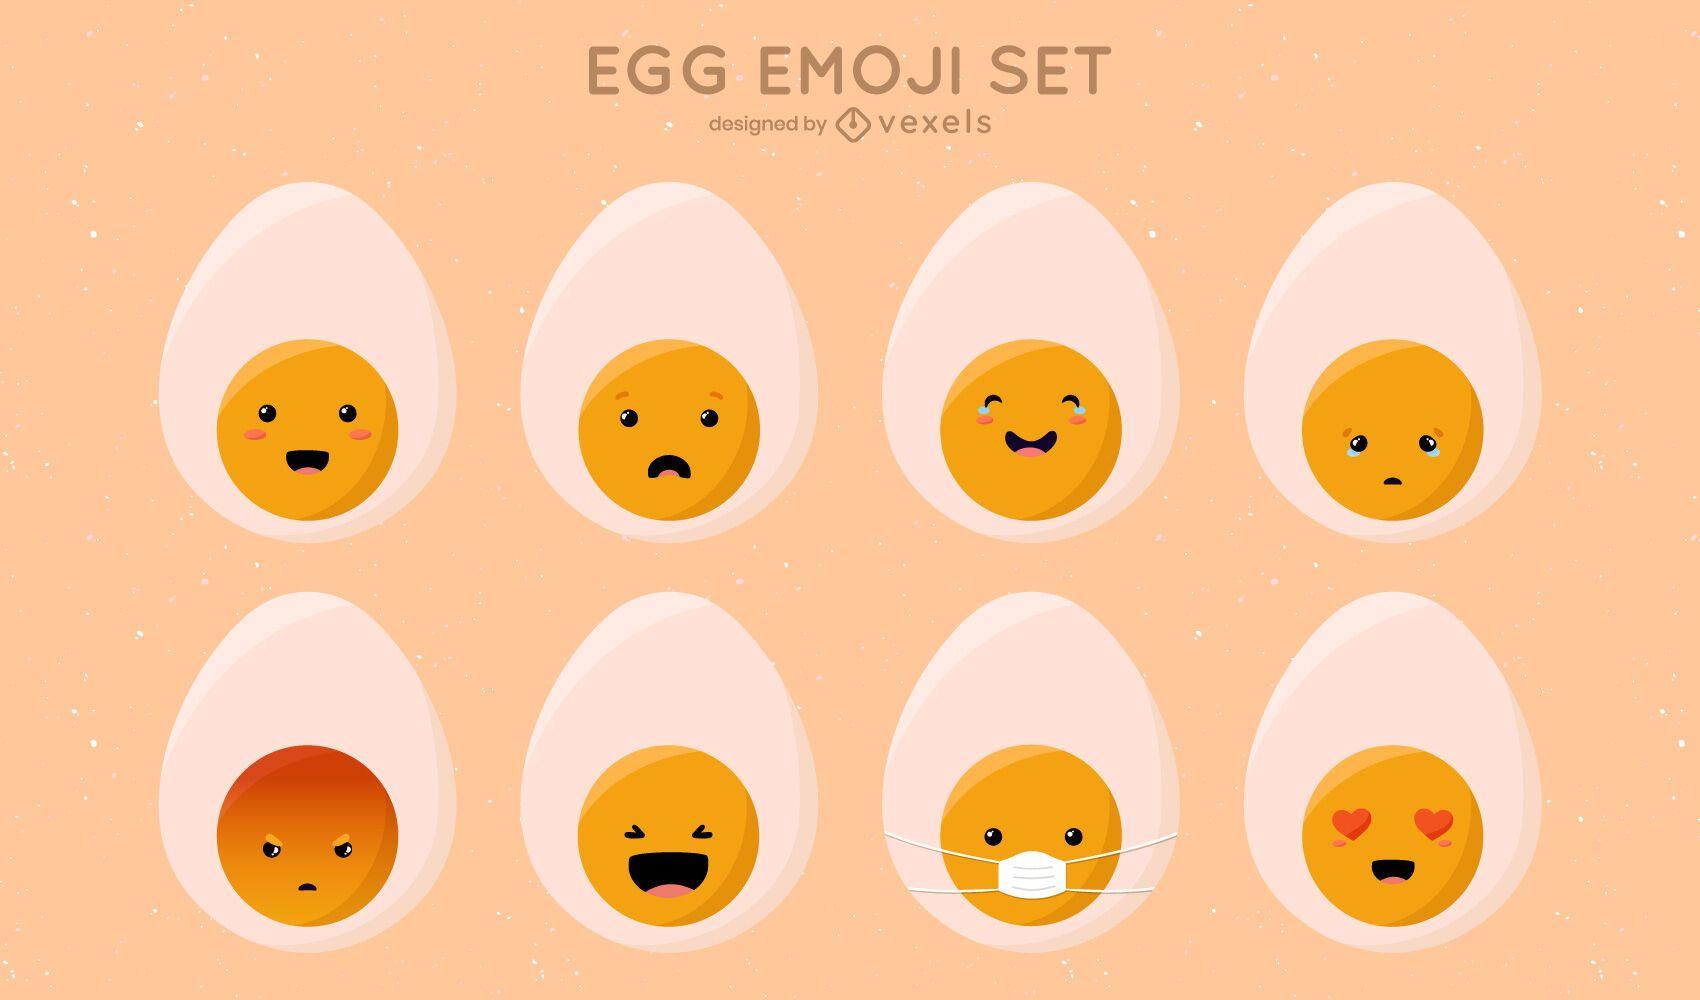 Lindo juego de emoji de huevo